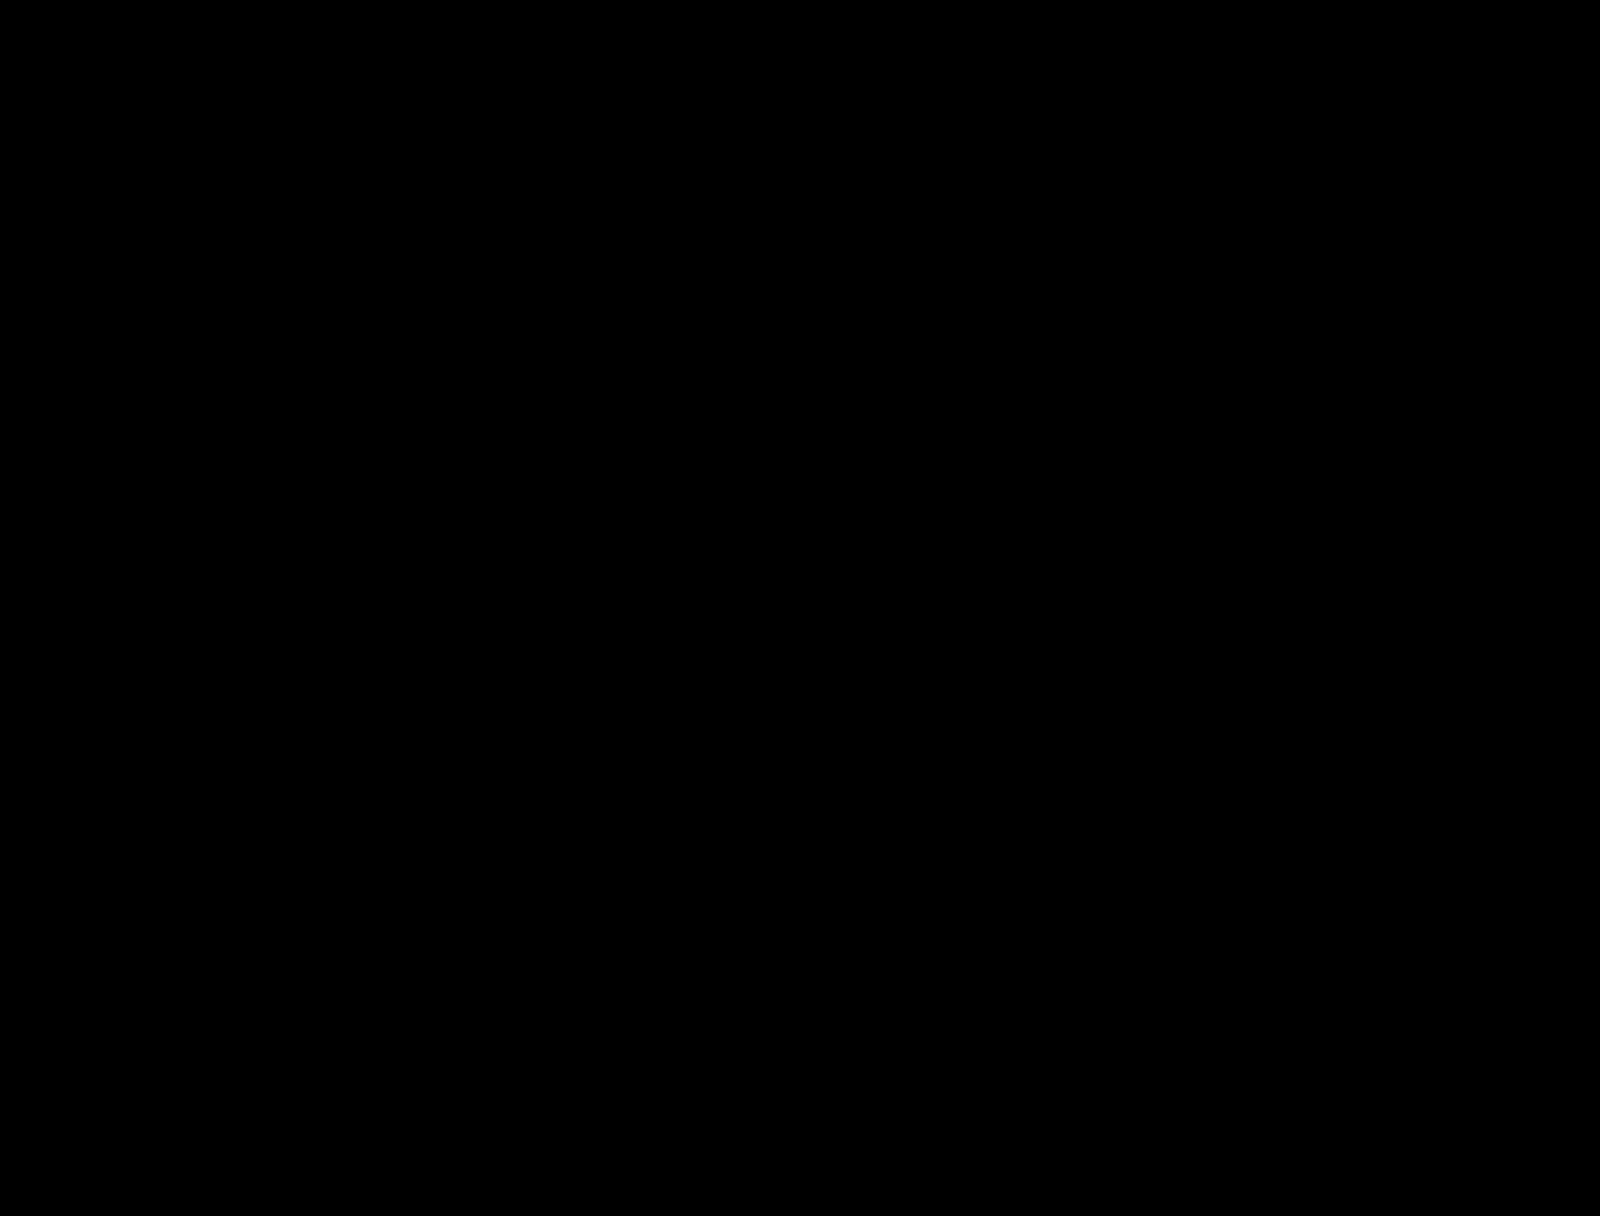 Kannelierte Kommode um 1800 – gustavianisch